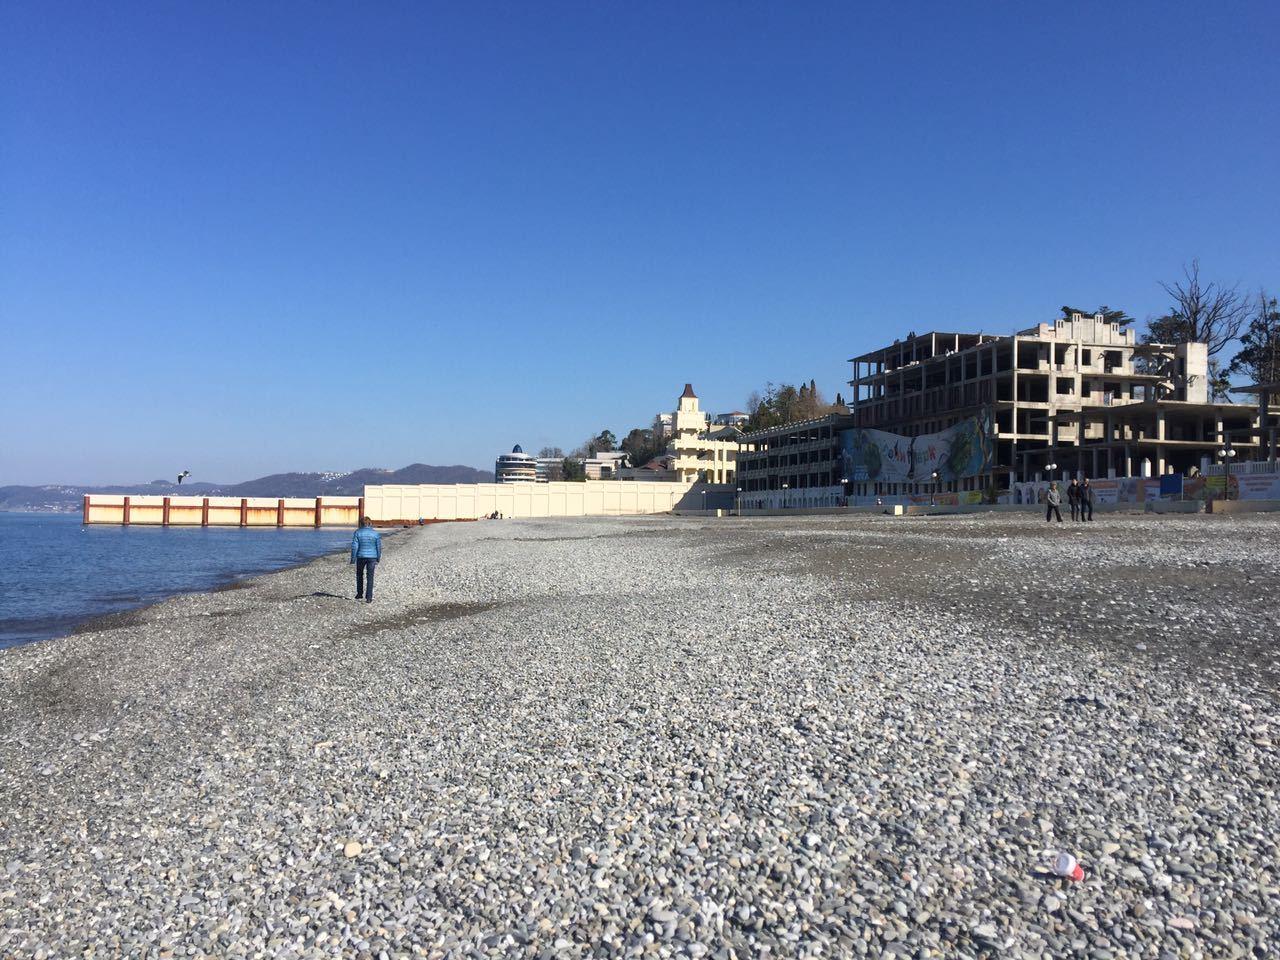 отдыхающие, пляж ривьера сочи фото помощи